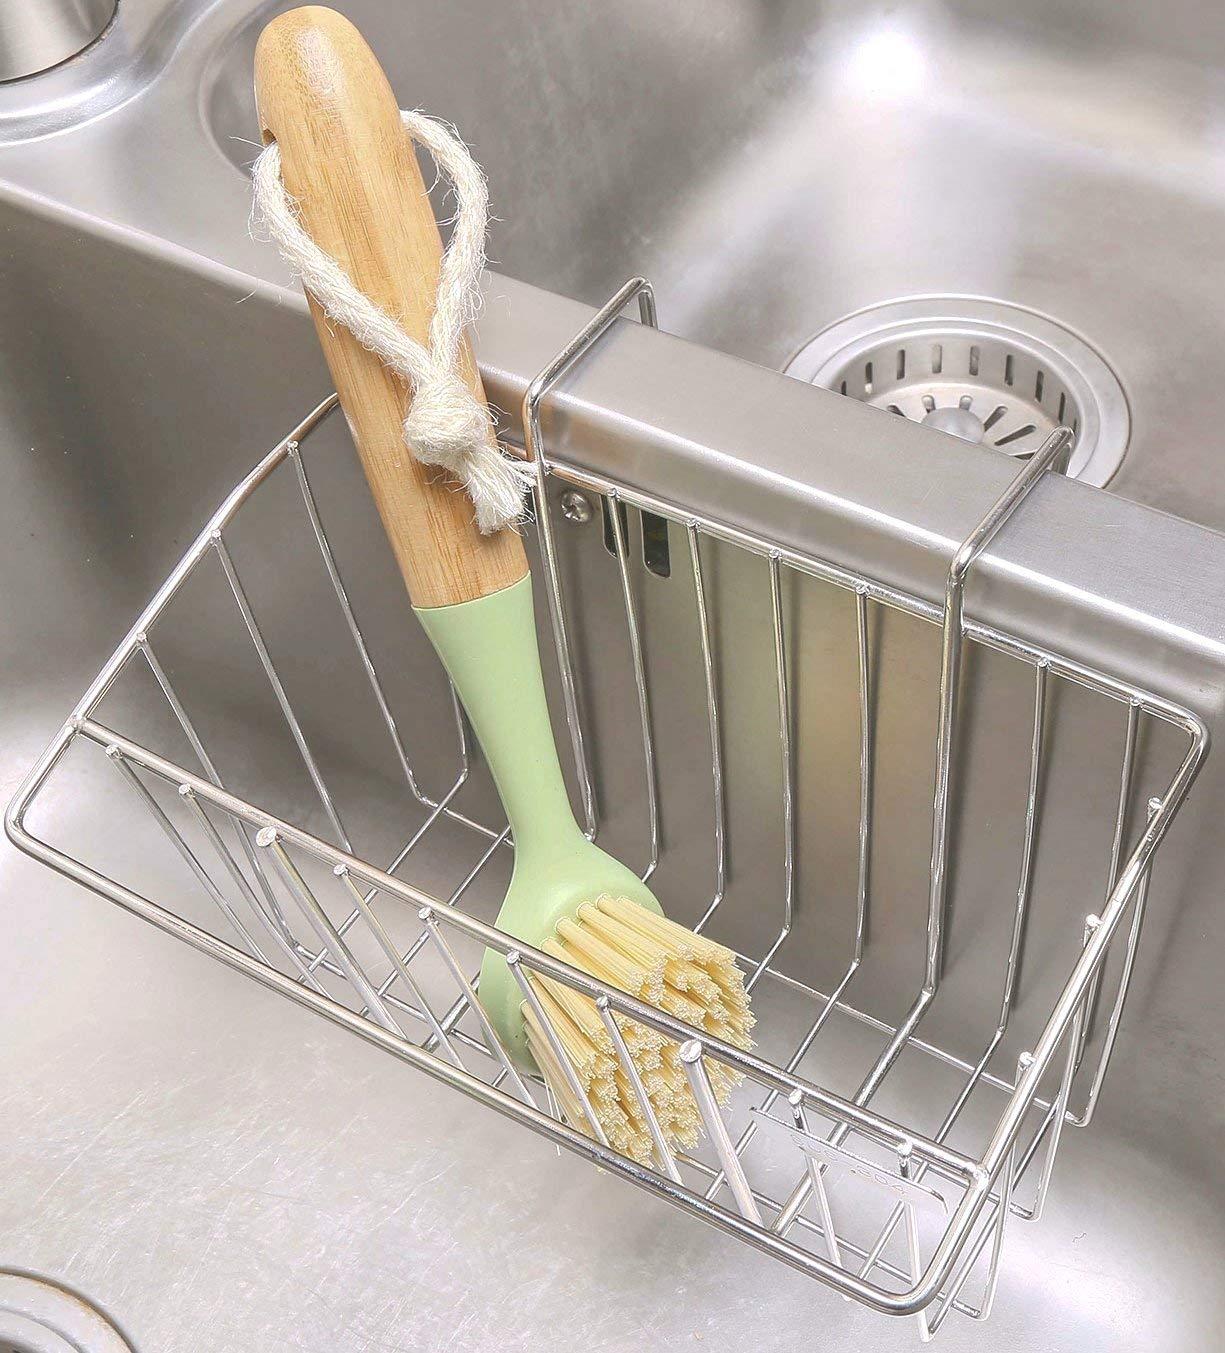 Khay Đựng Giẻ Rửa Bát Inox 304 Treo - Giá để đồ trên chậu rửa bát gắn thành bồn tặng Móc chìa khóa Thước dây tiện dụng